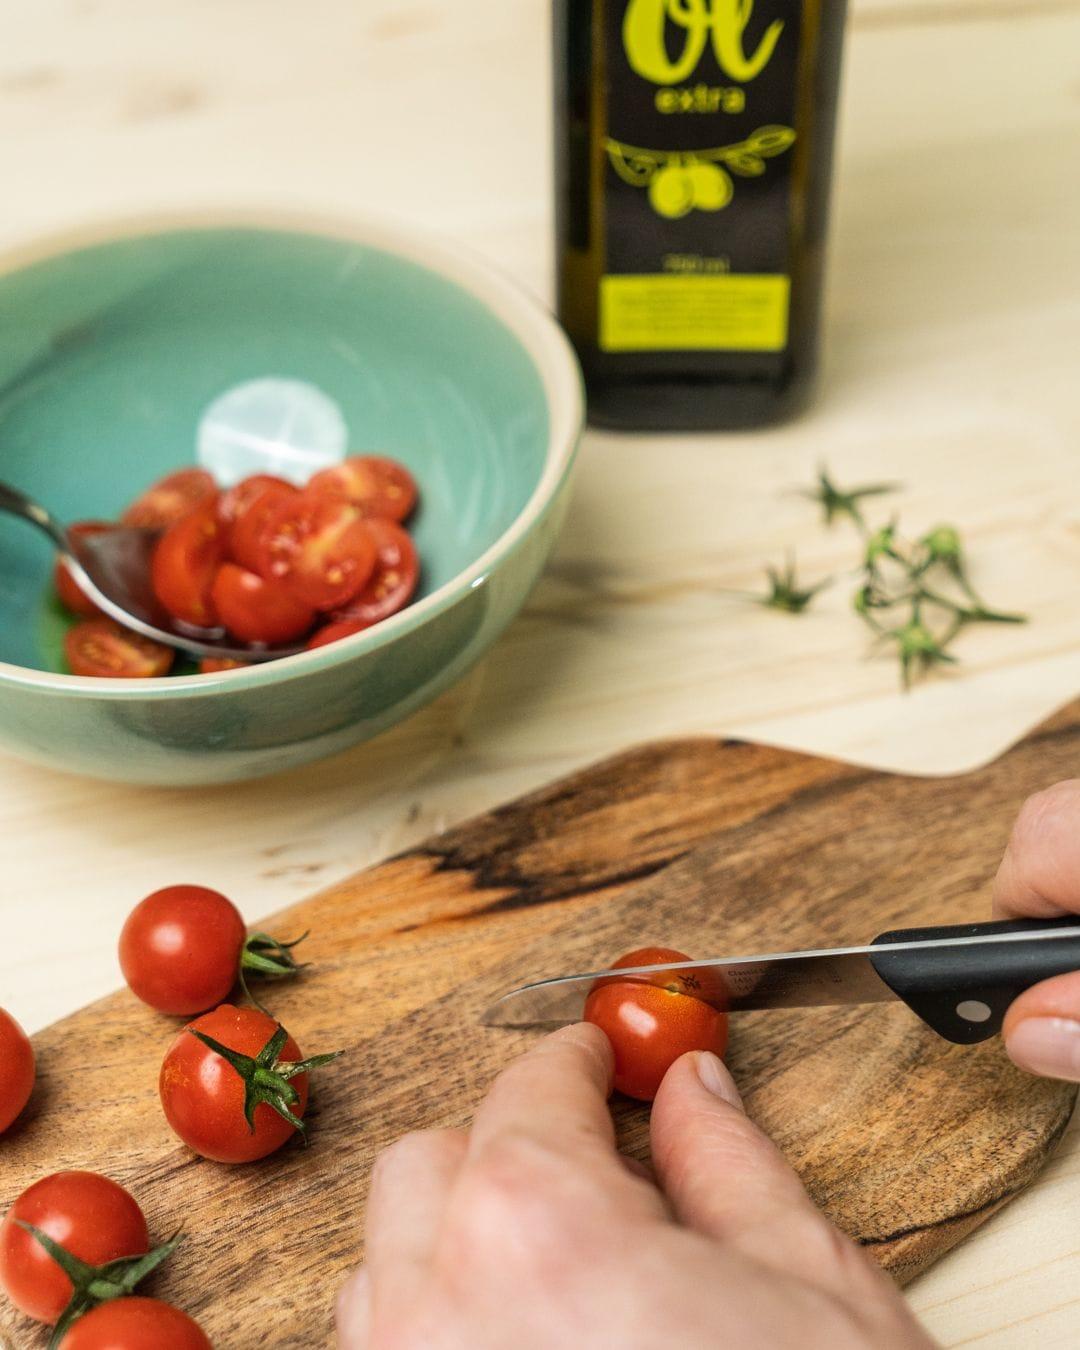 Auf diesem Bild siehst du wie Cocktail Tomaten geschnitten werden.